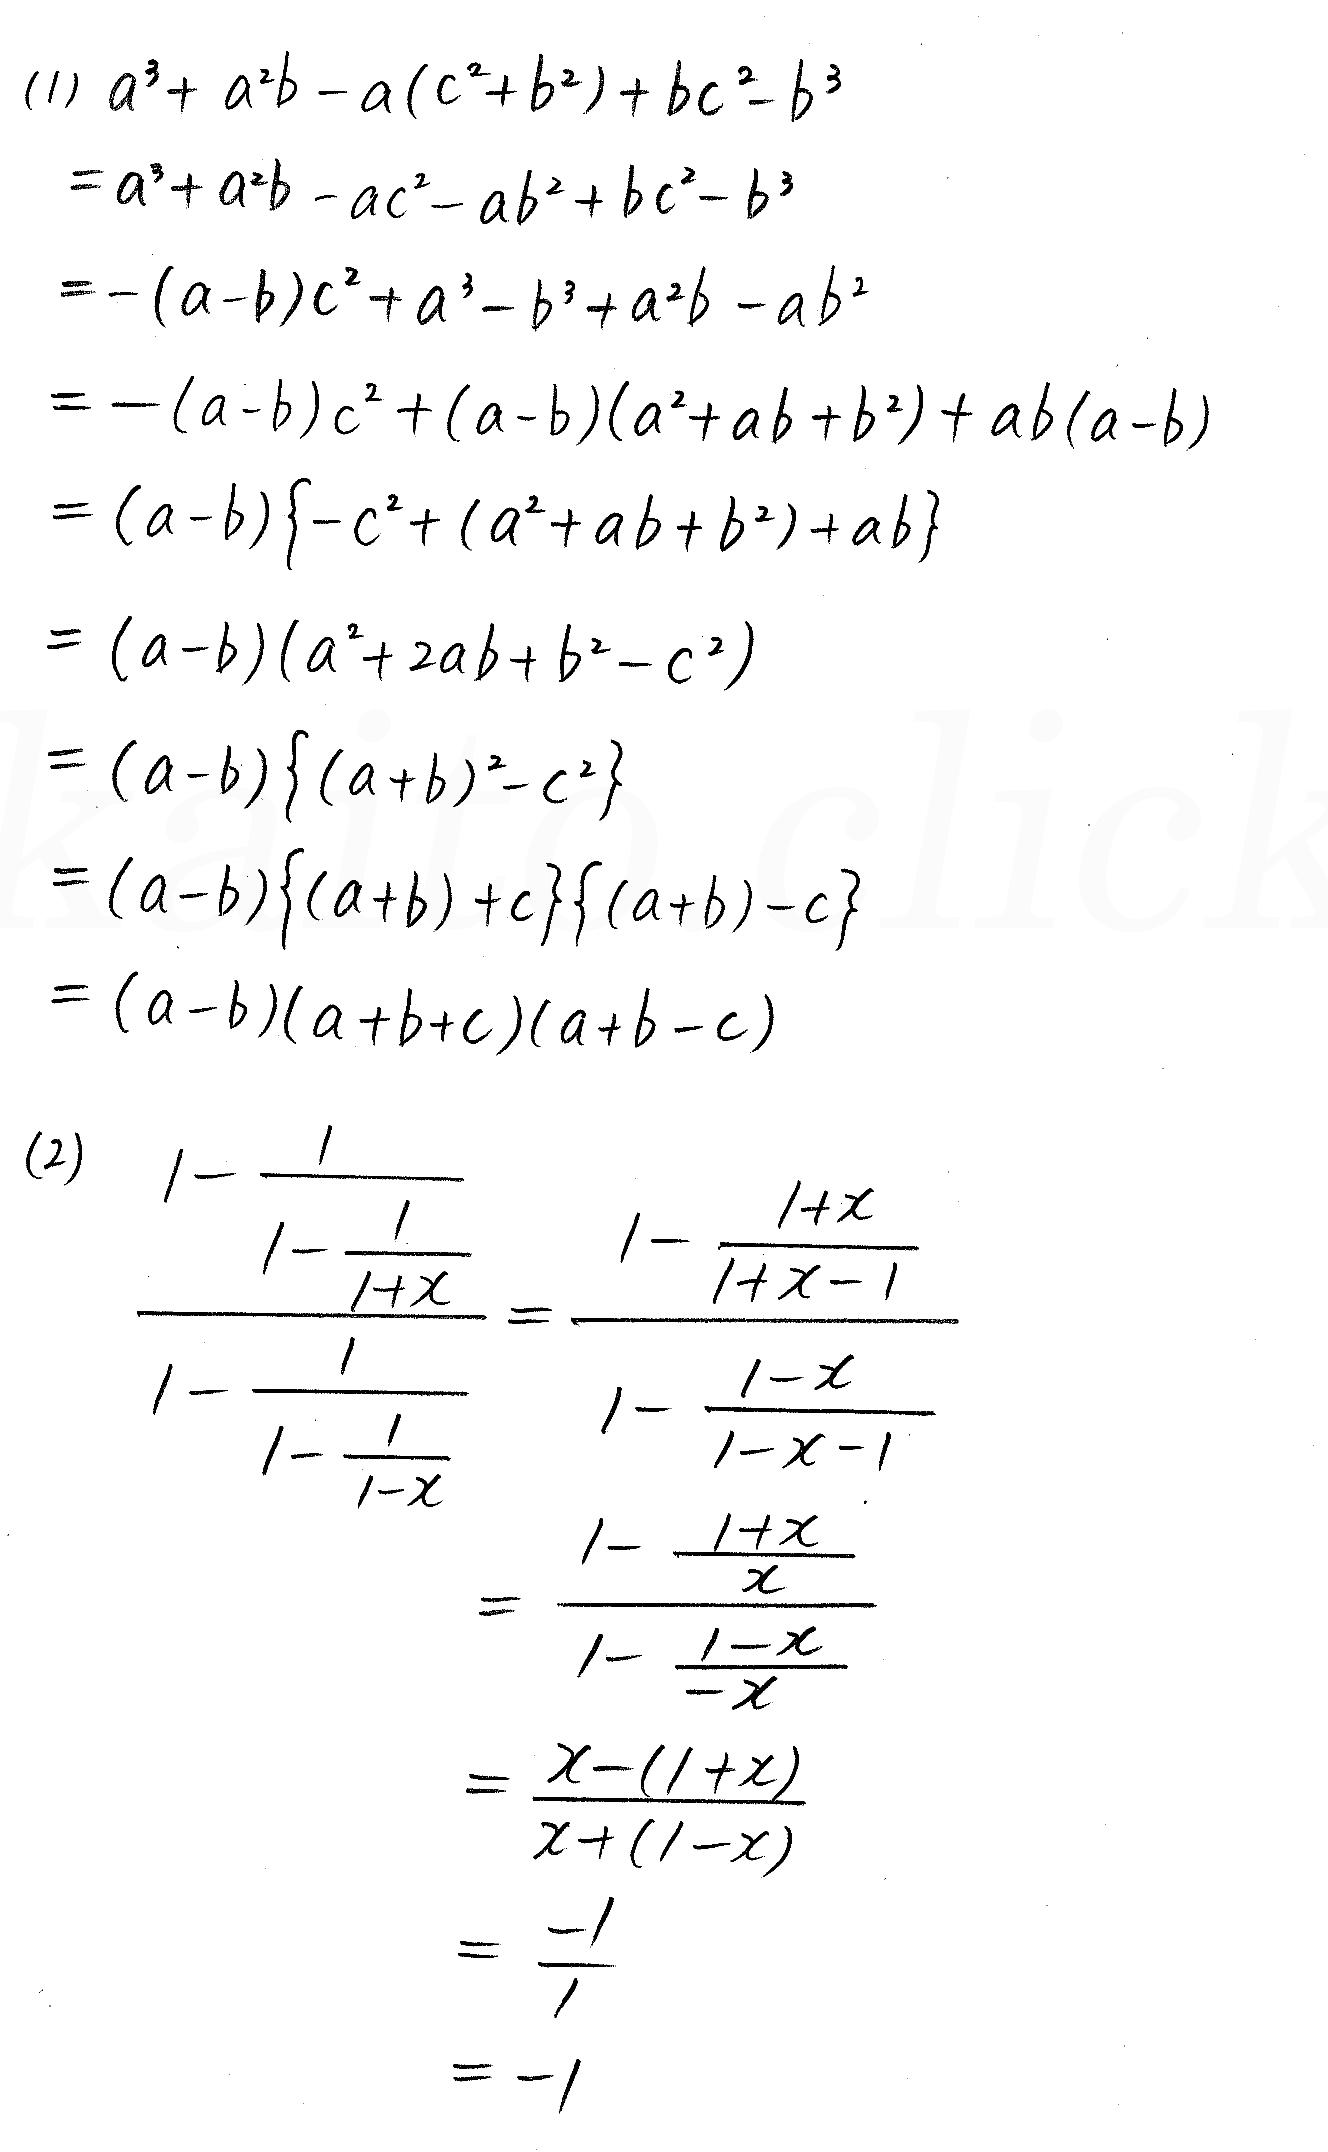 クリアー数学演習12AB受験編-1解答